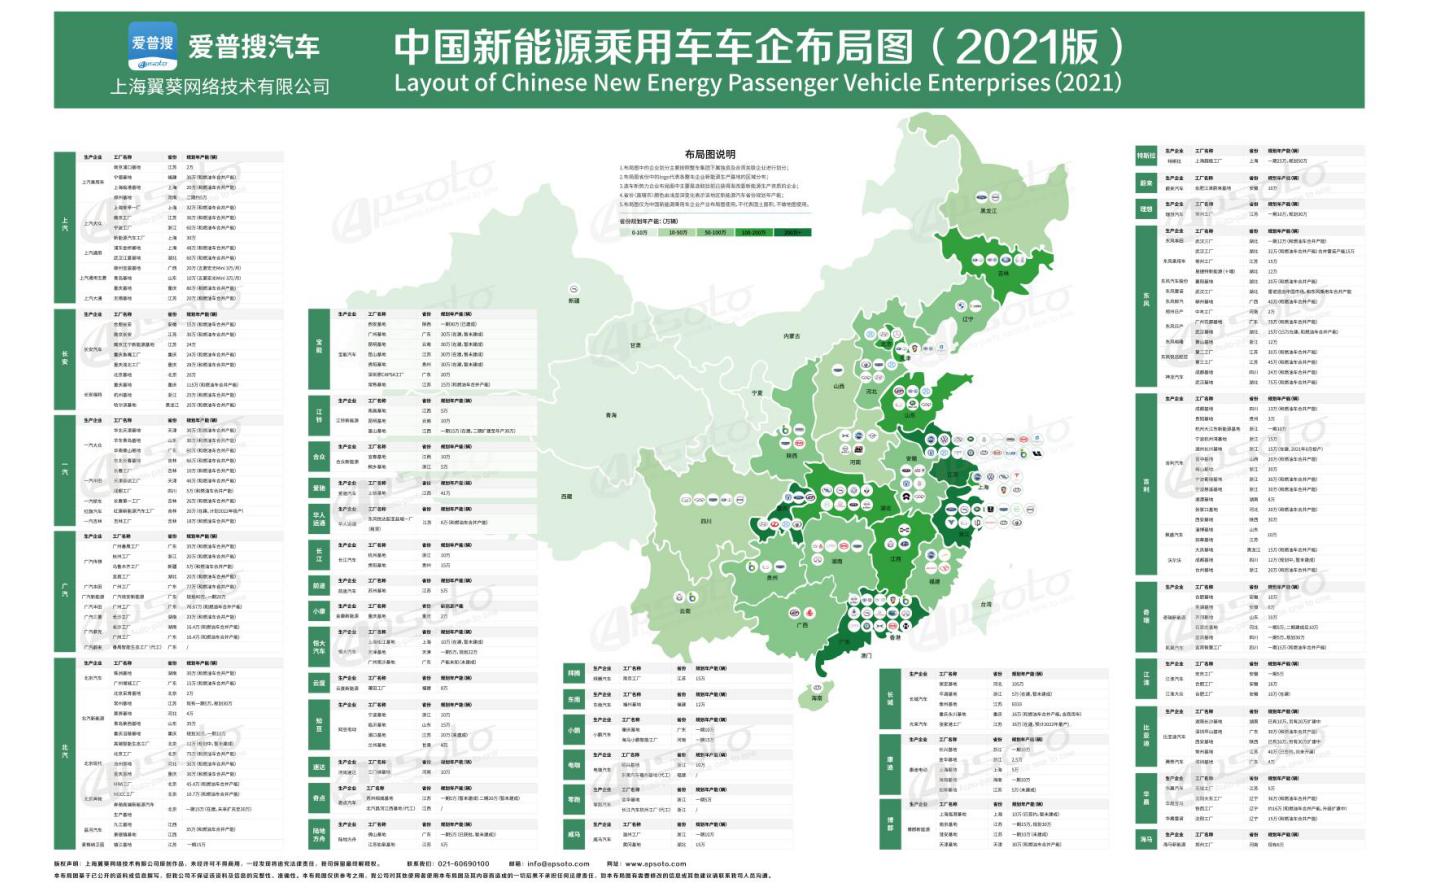 中國新能源乘用車車企布局圖